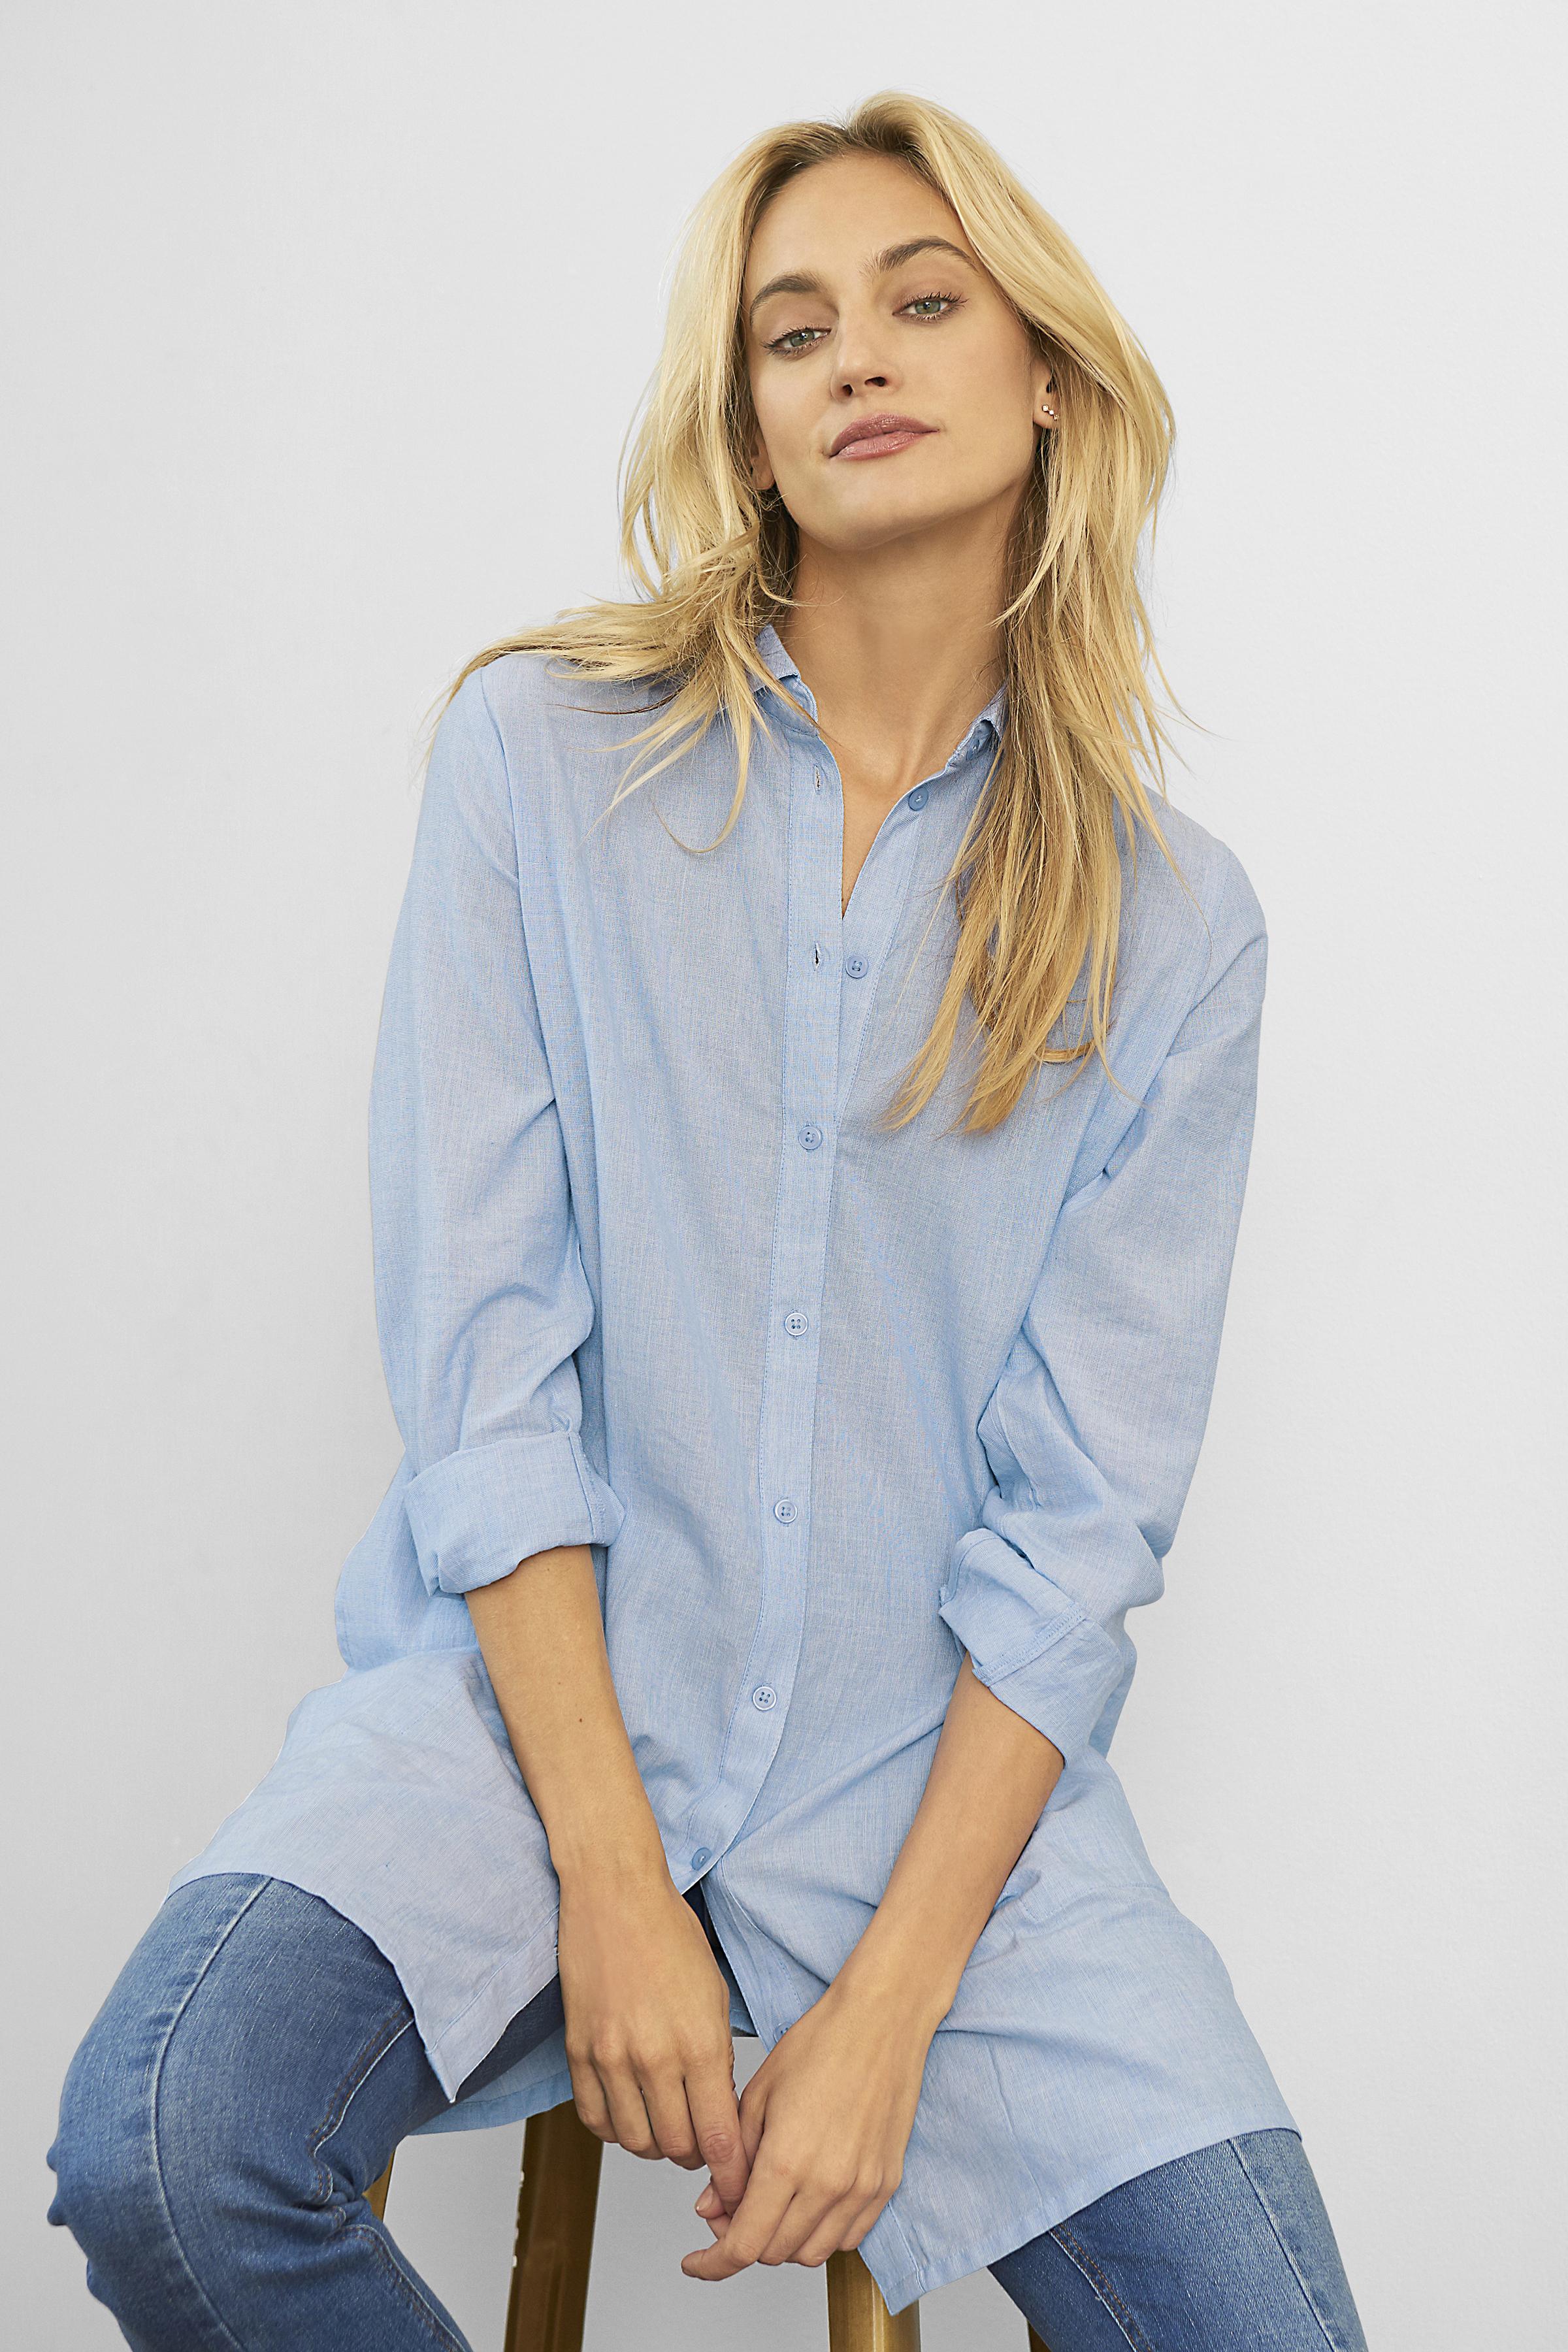 Hellblau/weiß Kleid von Kaffe – Shoppen Sie Hellblau/weiß Kleid ab Gr. 34-46 hier